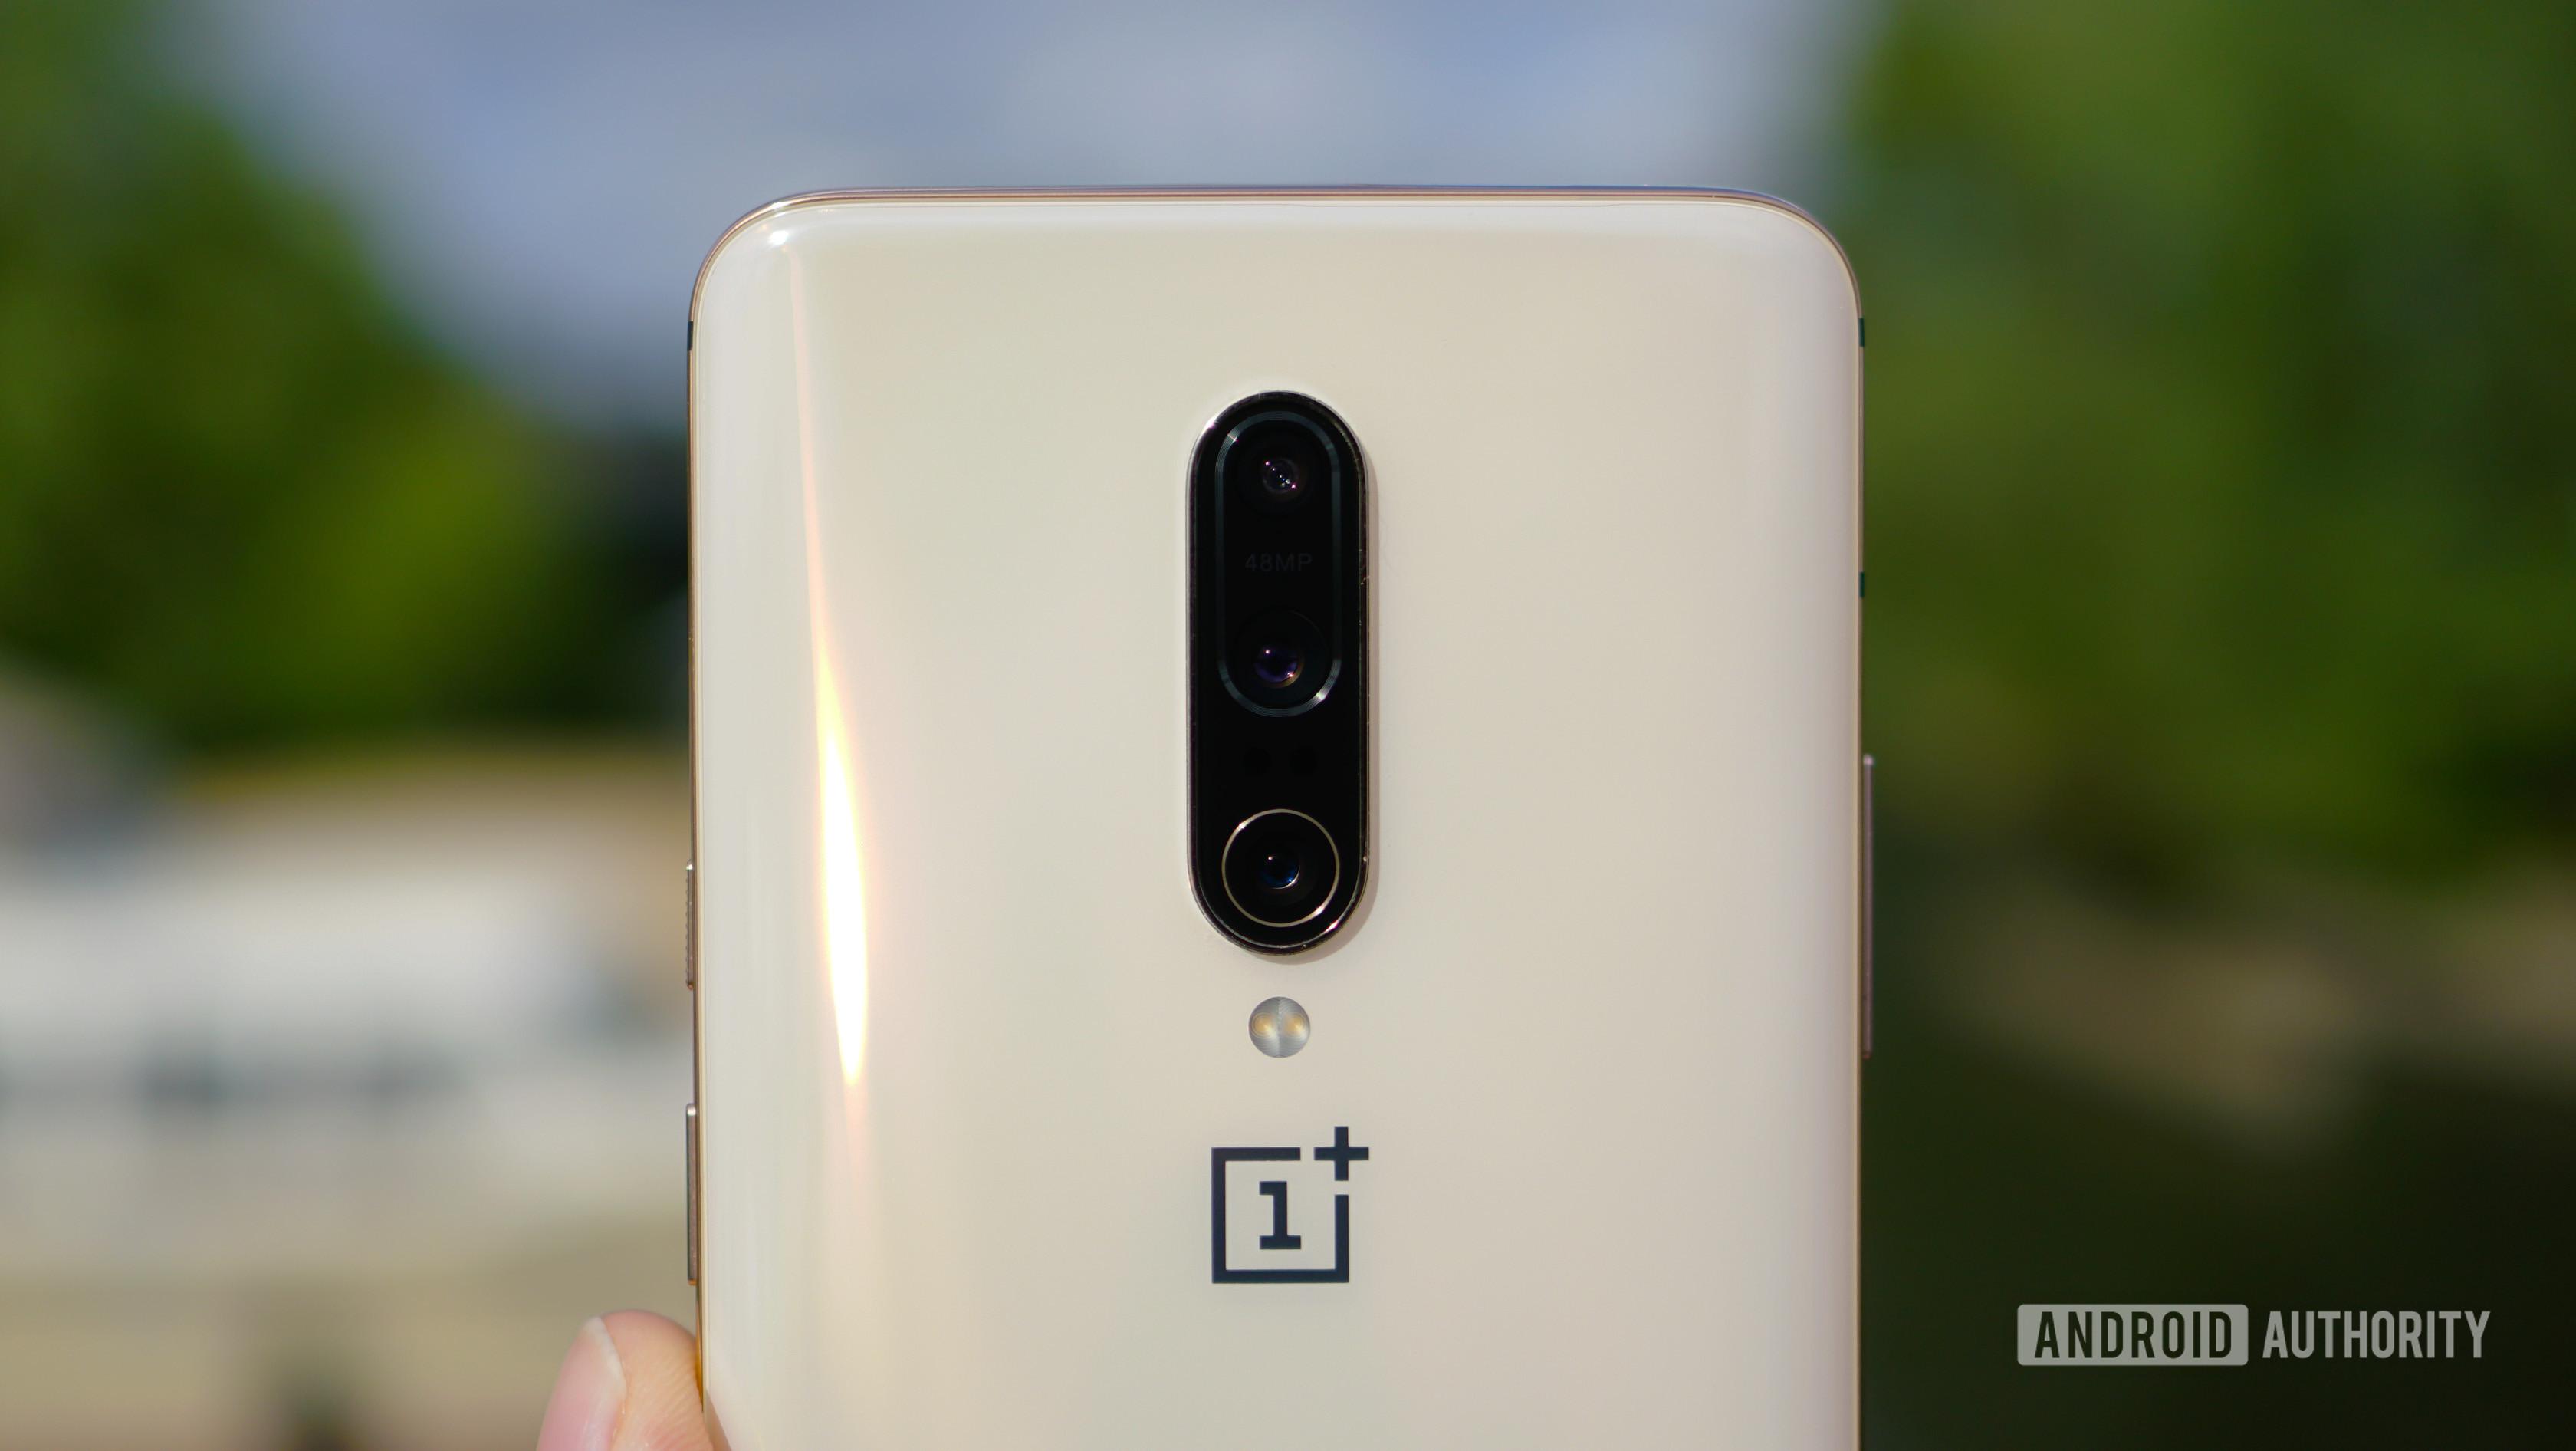 OnePlus 7 Pro almond color camera closeup